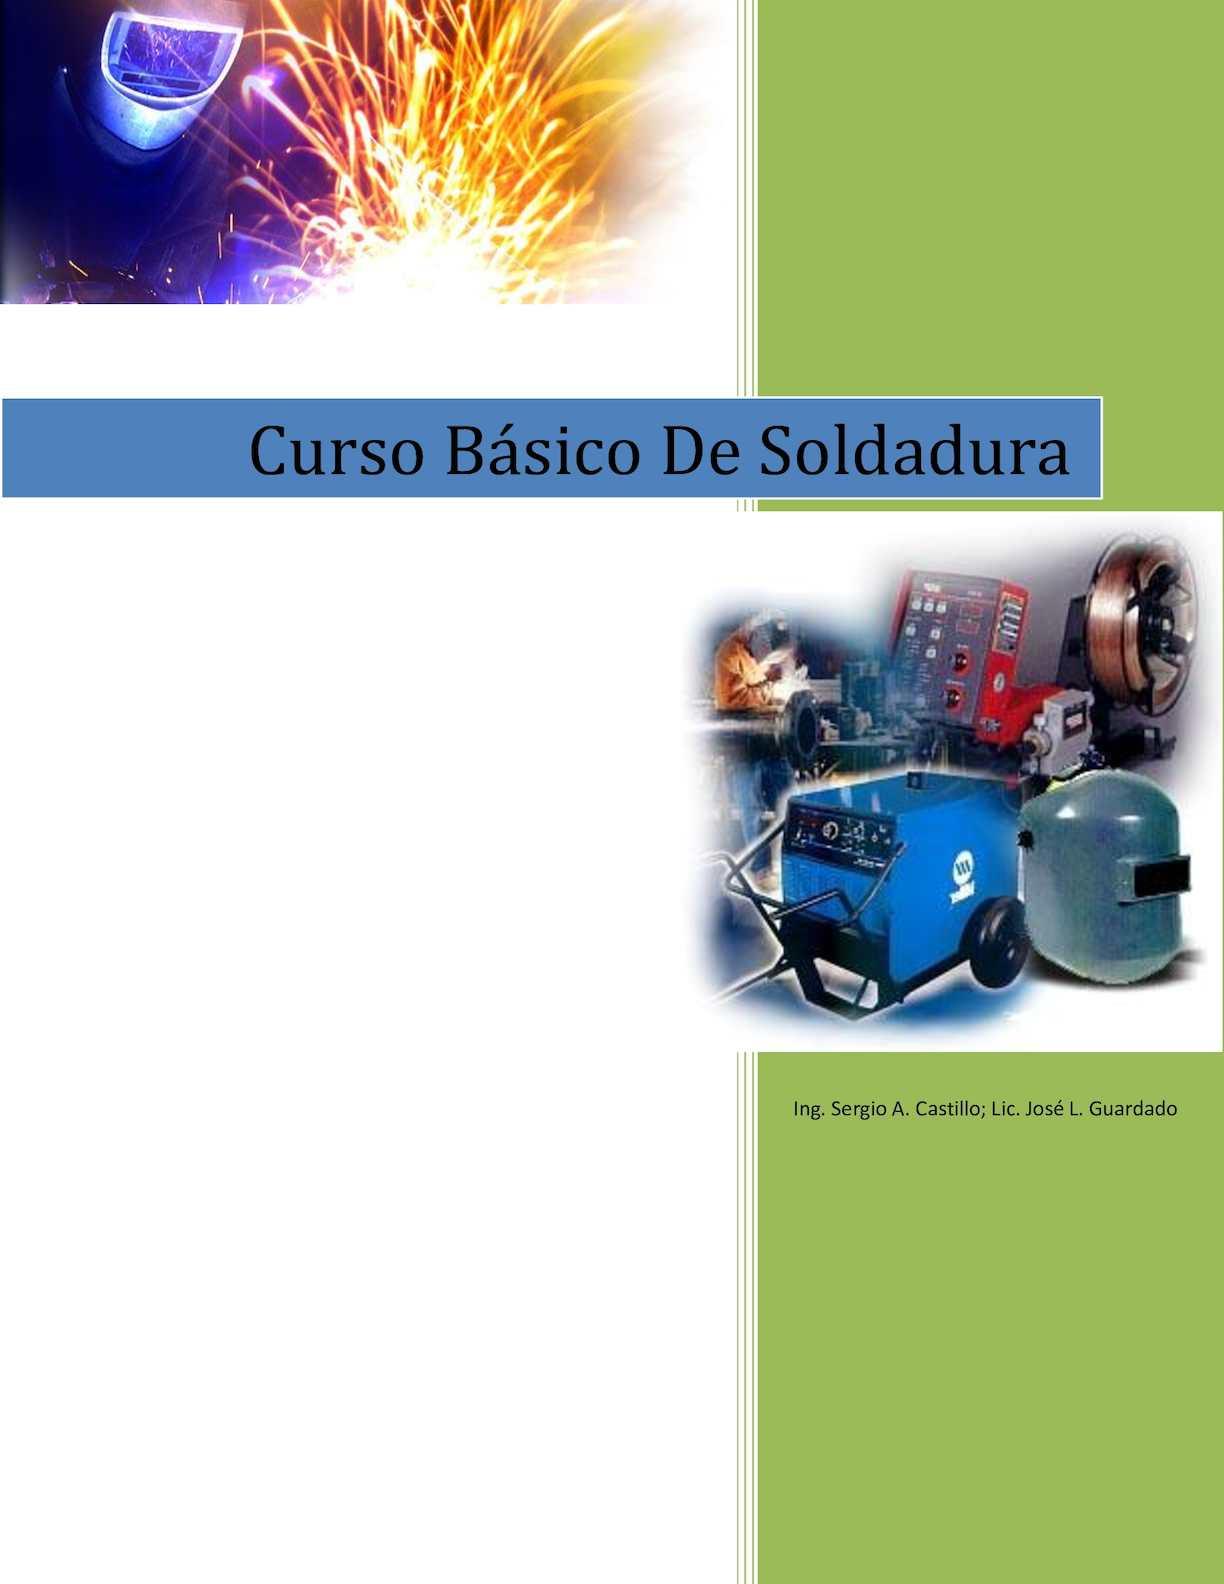 Curso Básico de Soldadura; Ing Sergio A. Castillo, Lic. José L. Guardado